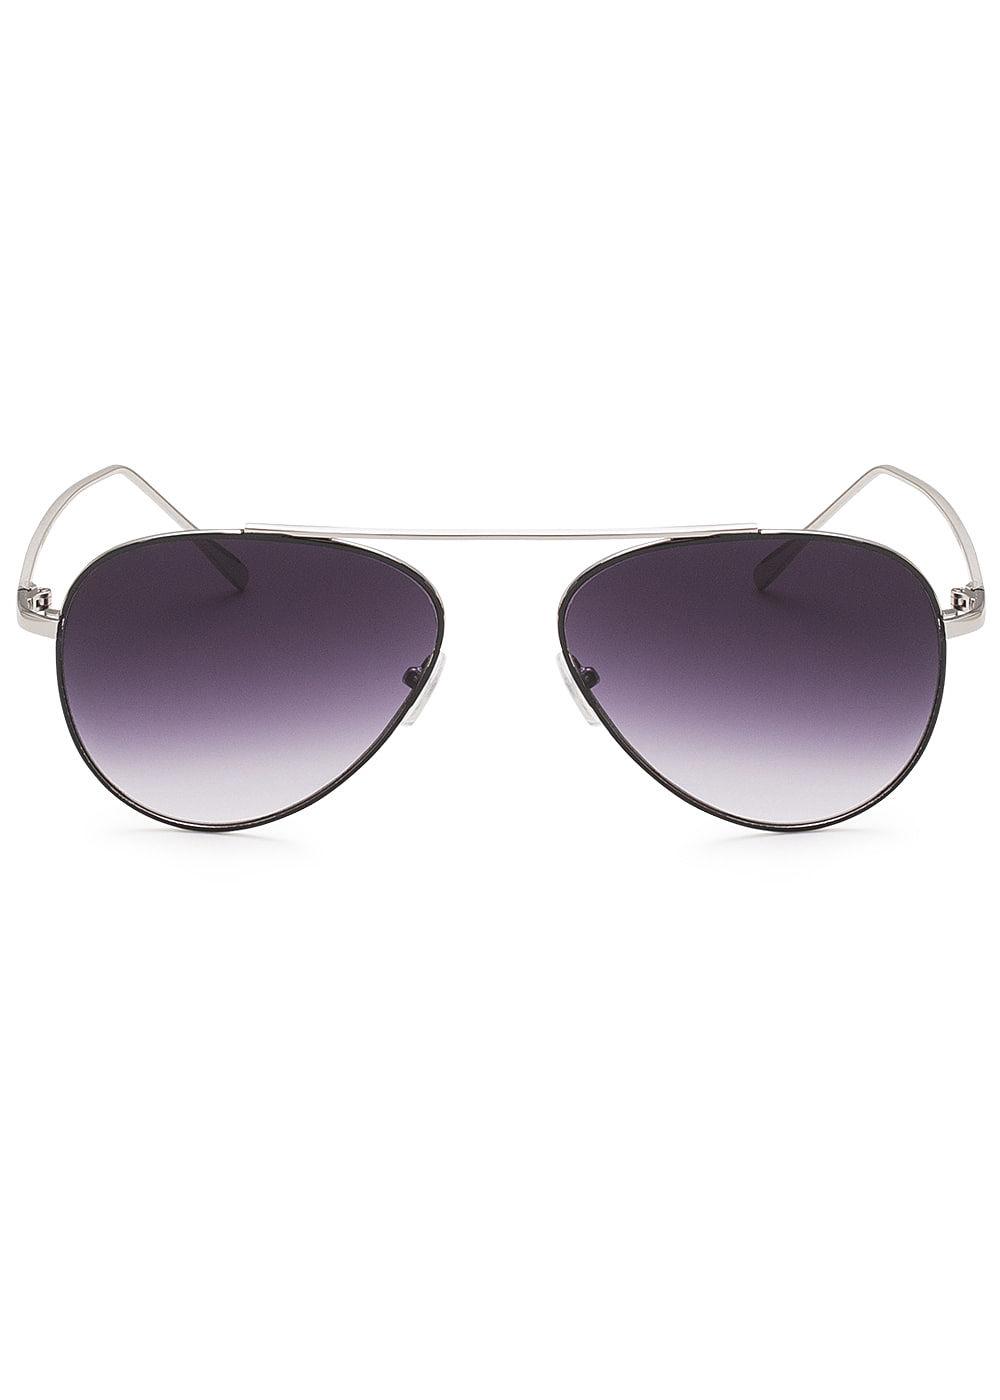 hailys damen sonnenbrille uv schutz 400 silber schwarz. Black Bedroom Furniture Sets. Home Design Ideas